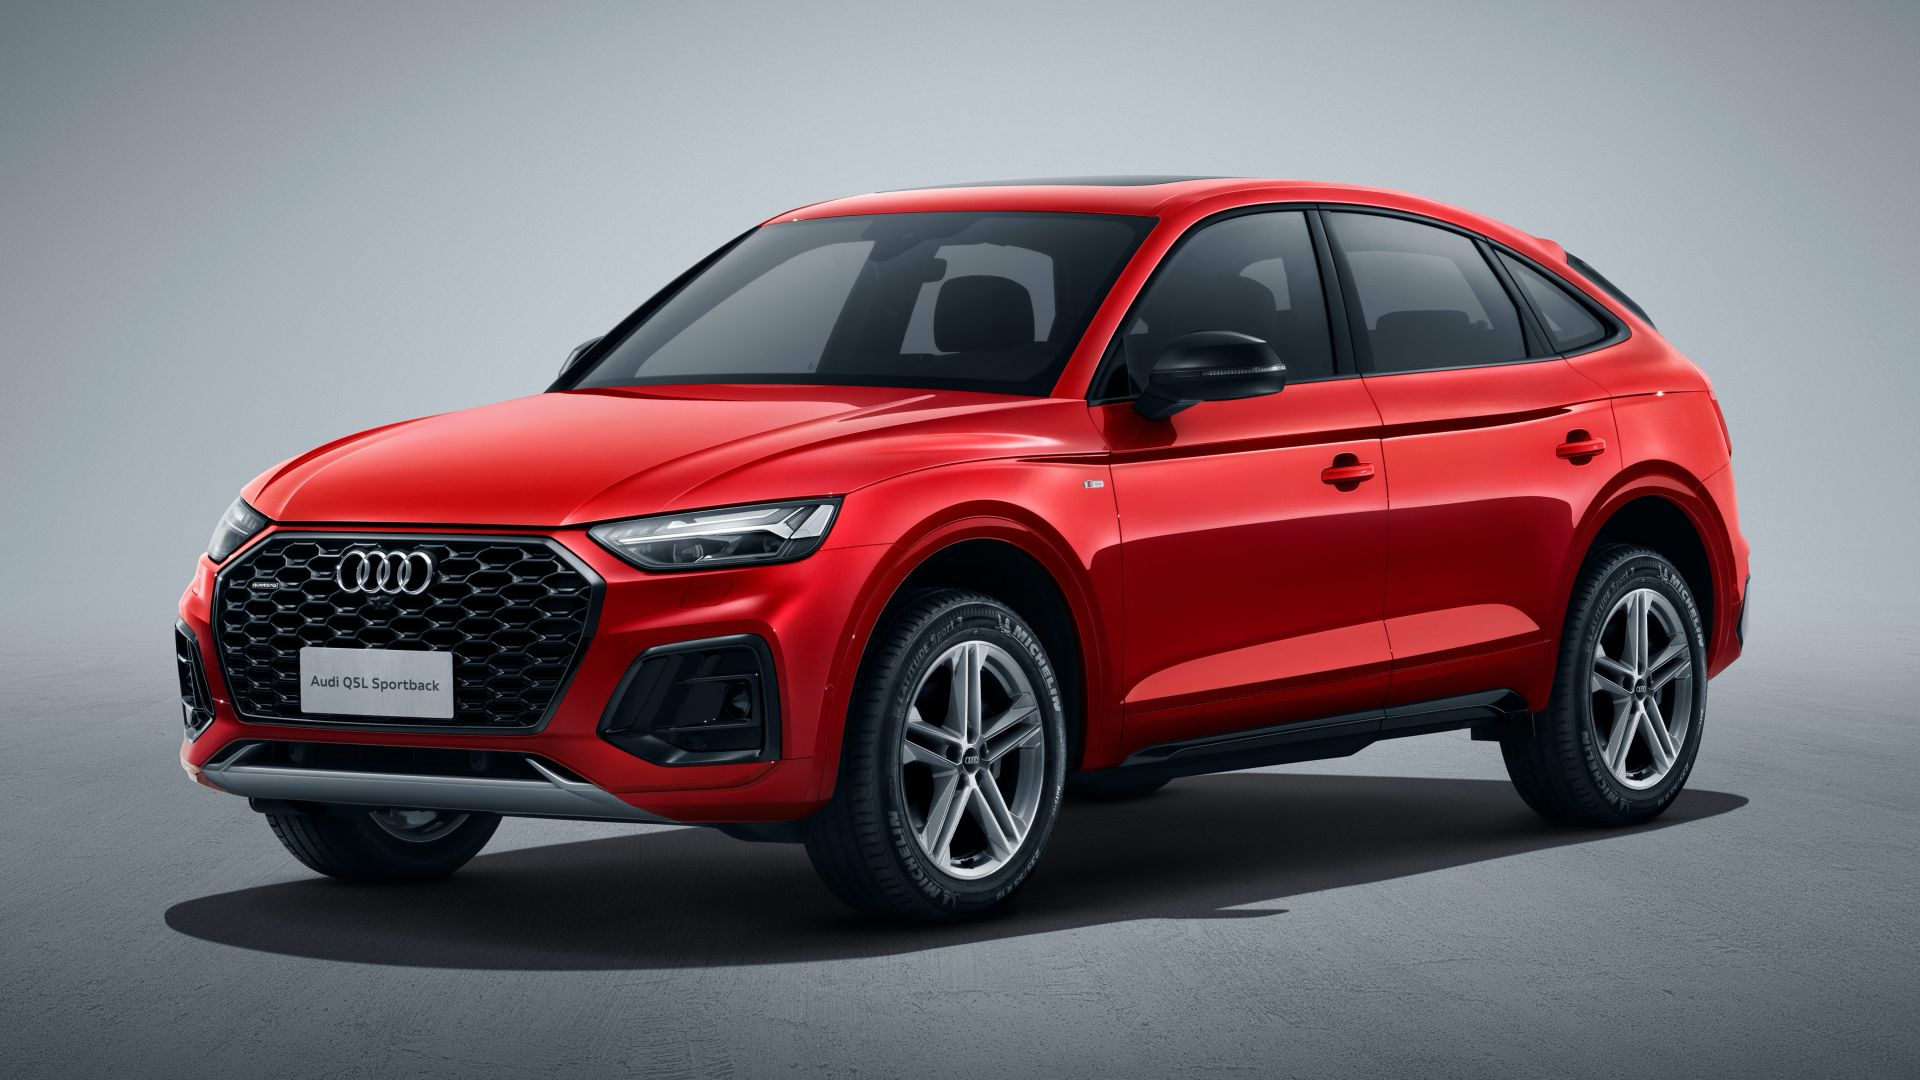 Европейский Audi Q5 Sportback «растянулся» в длину на 89 мм и столько же между осями, чтобы больше понравиться китайцам. Полноценная премьера новинки пройдет 20 ноября на автосалоне в Гуанчжоу.